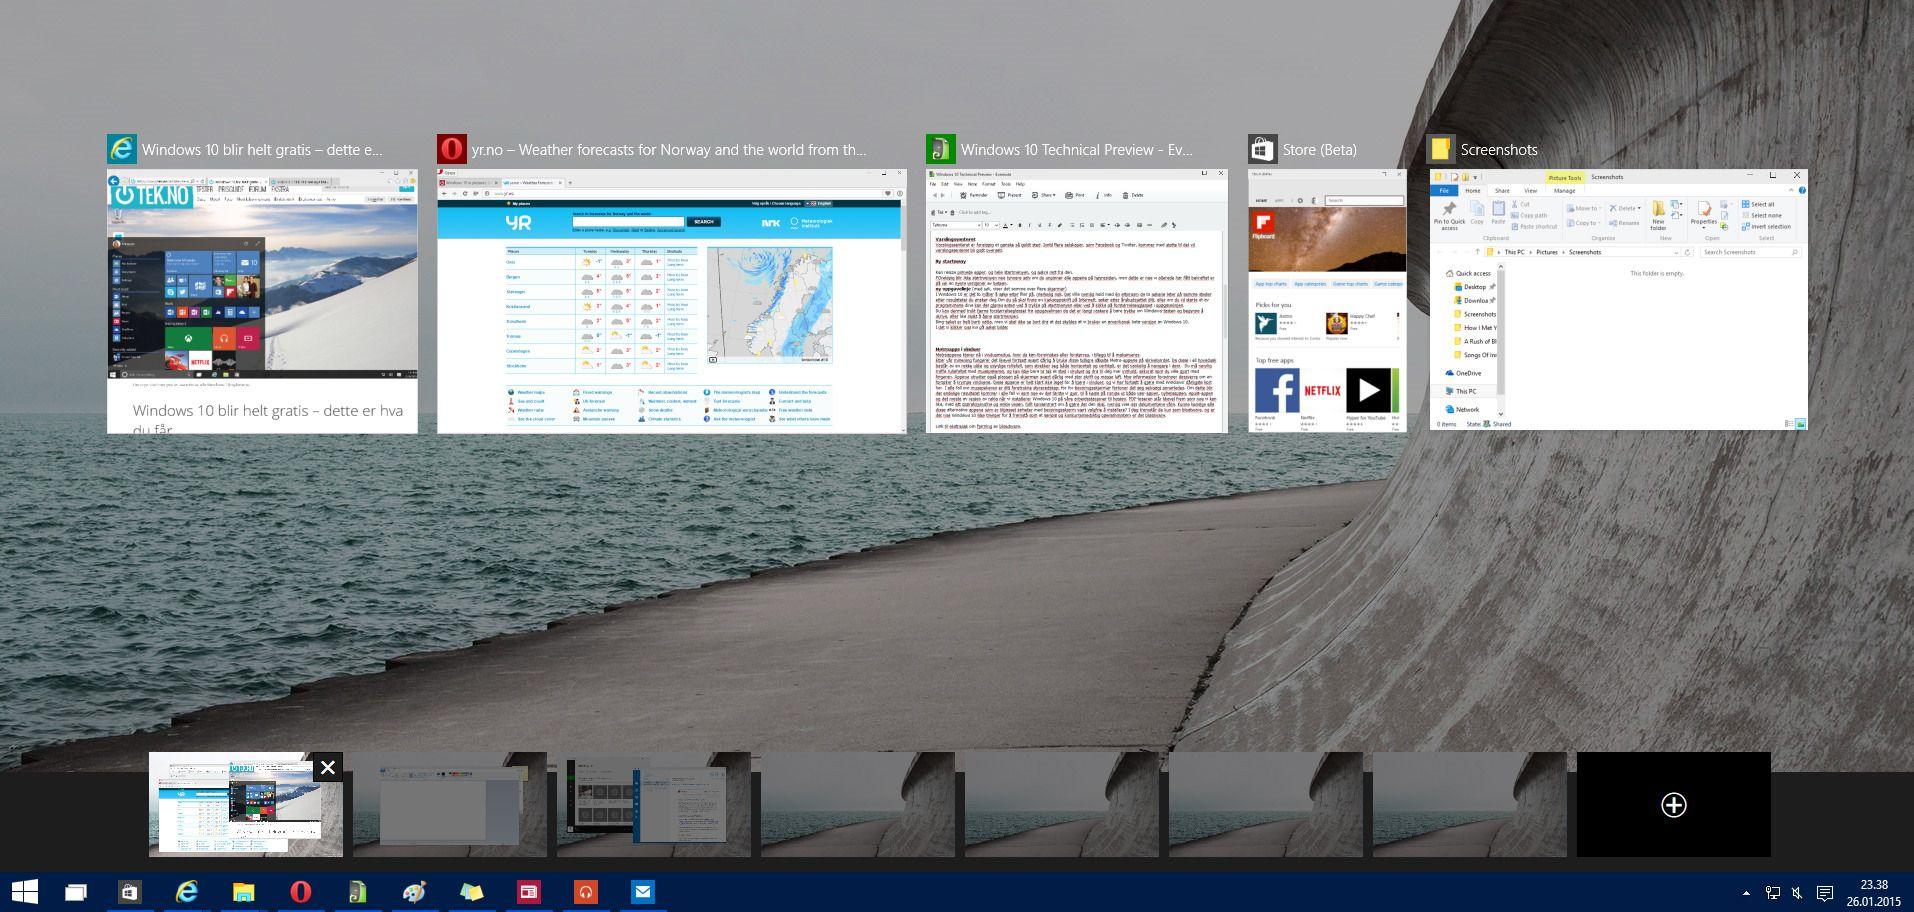 Virtuelle skrivebord kommer endelig, og det vi har sett så langt overbeviser. Vi ser frem til enda ryddigere skrivebord og bedre oversikt fremover.